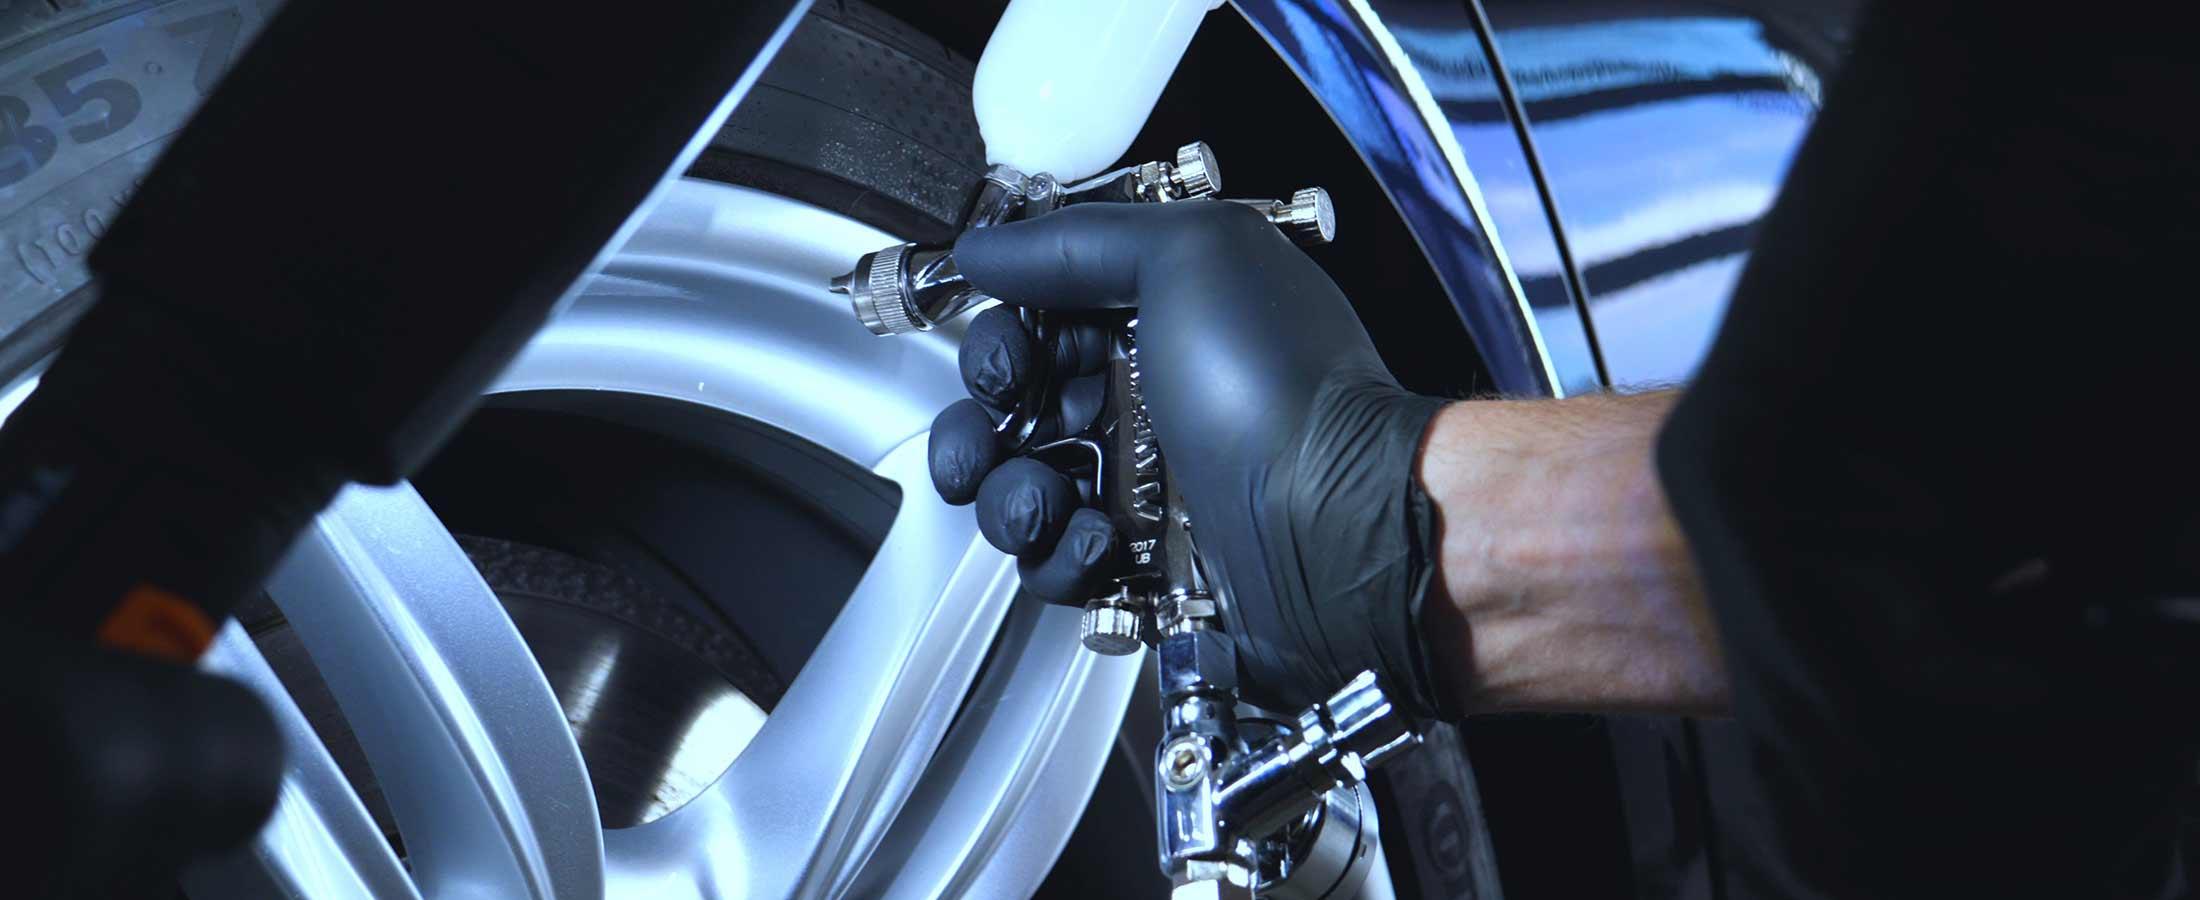 Mobile dent repair using spray gun